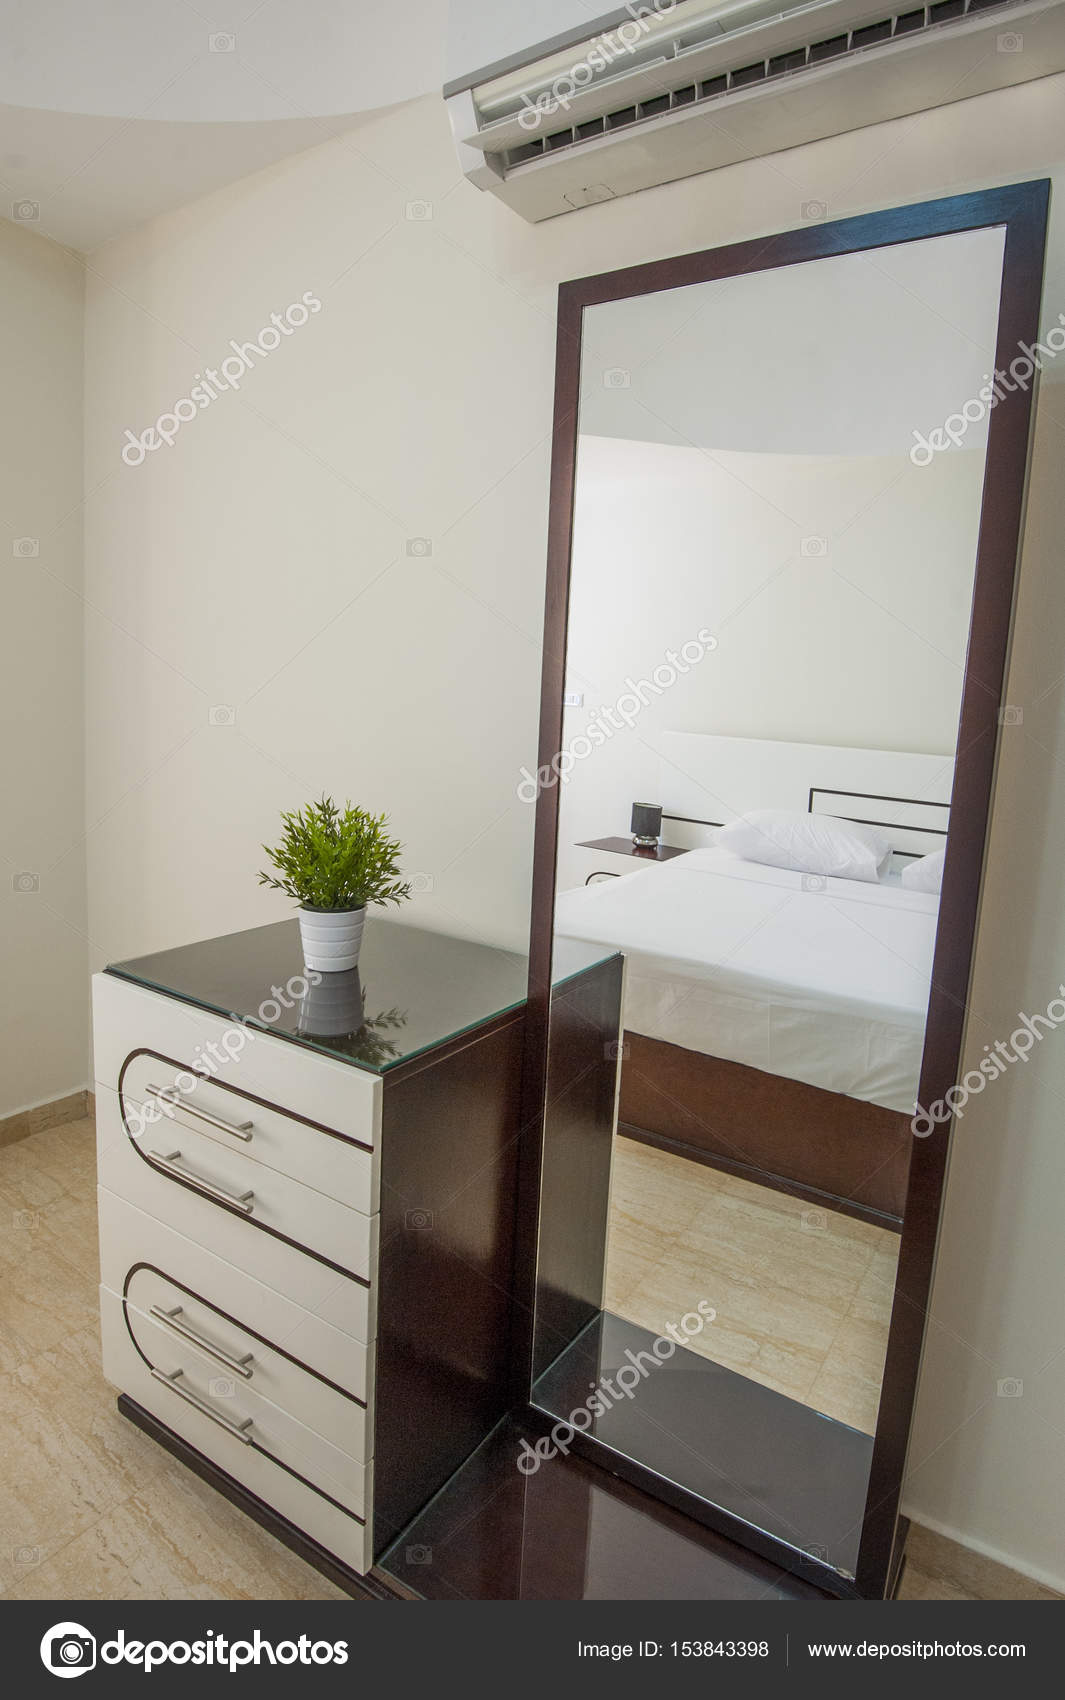 Specchiera comò in camera da letto Appartamento — Foto Stock ...